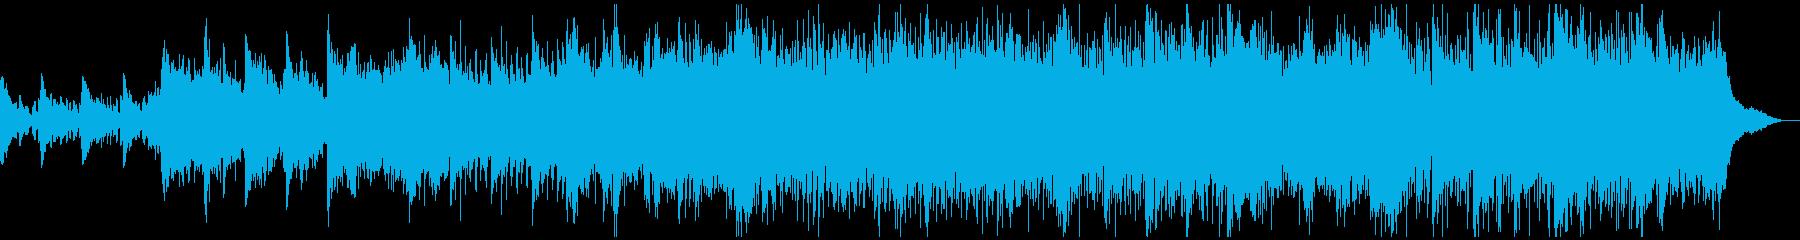 未来的なピアノ曲の再生済みの波形